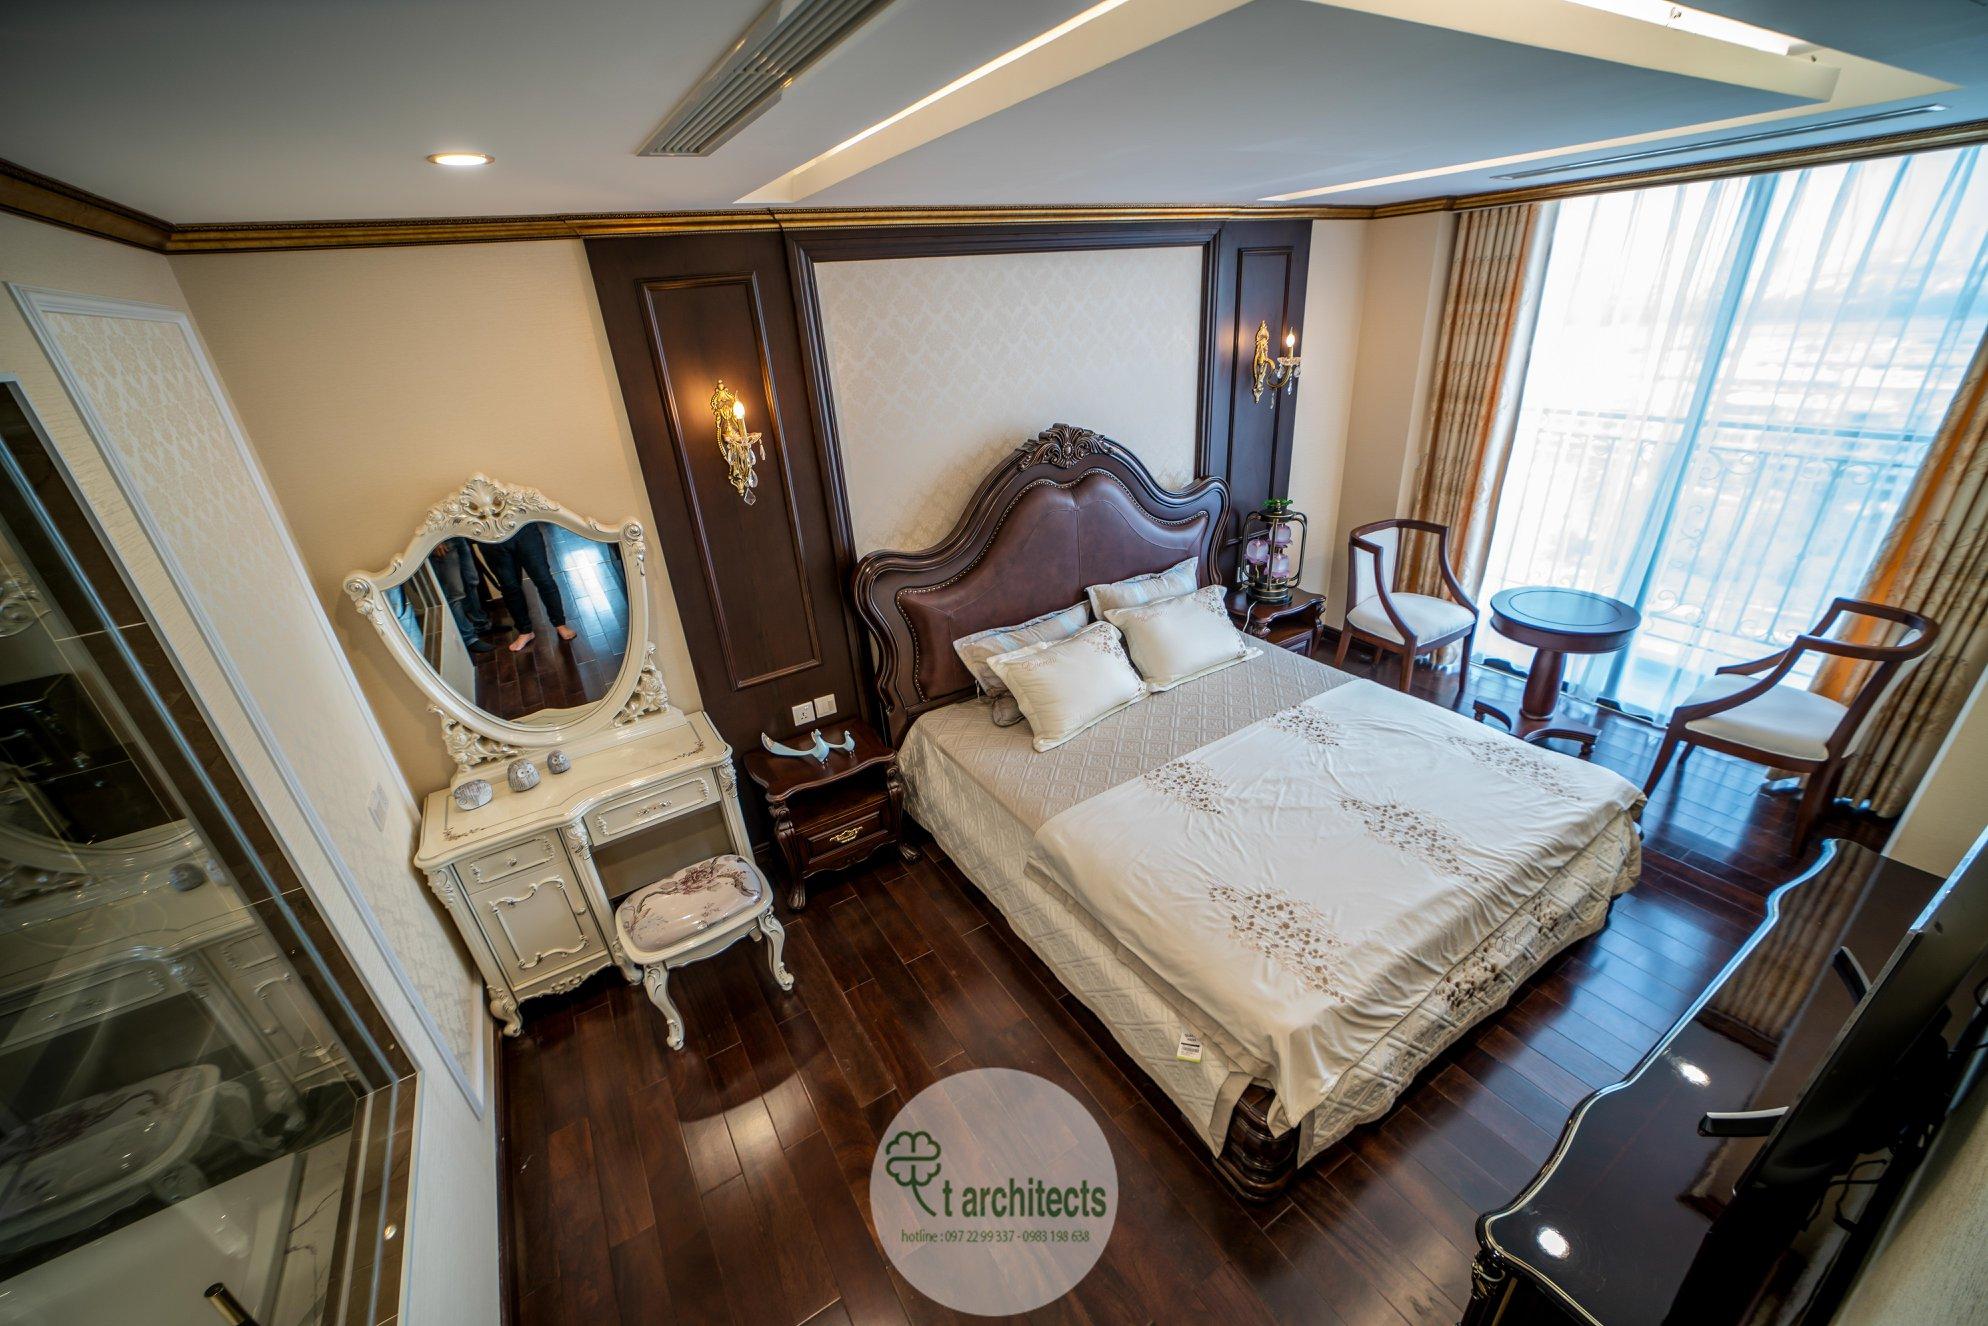 Thiết kế nội thất Chung Cư tại Hà Nội Thiết kế 6 căn hộ mẫu chung cư HC GOLDEN CITY 1589766599 15